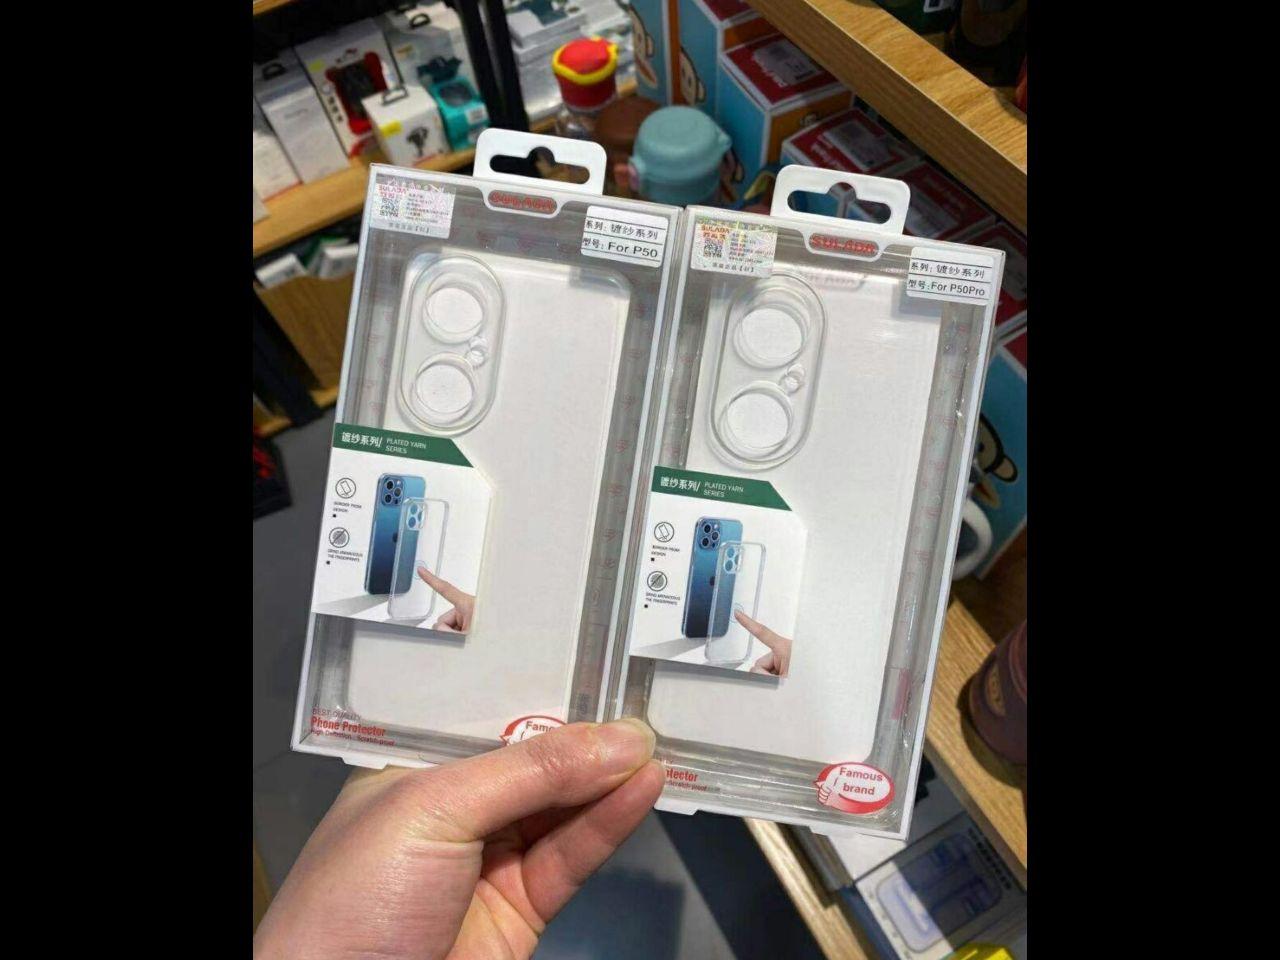 قاب گوشیهای سری P50